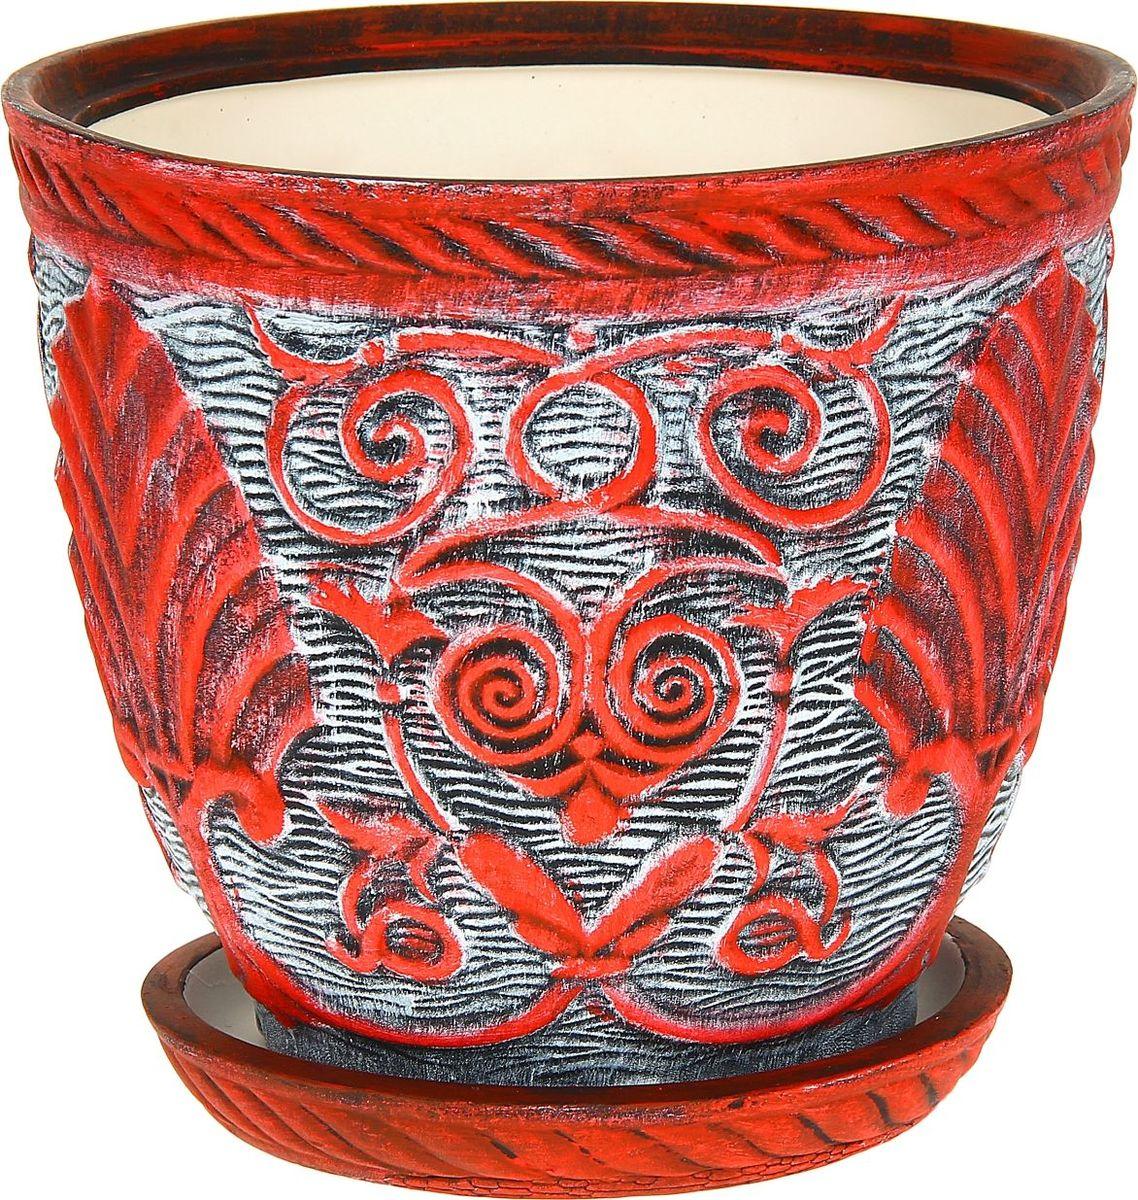 Кашпо Керамика ручной работы Славянское, цвет: красный, белый, 5 л1114315Комнатные растения — всеобщие любимцы. Они радуют глаз, насыщают помещение кислородом и украшают пространство. Каждому из них необходим свой удобный и красивый дом. Кашпо из керамики прекрасно подходят для высадки растений: за счёт пластичности глины и разных способов обработки существует великое множество форм и дизайновпористый материал позволяет испаряться лишней влагевоздух, необходимый для дыхания корней, проникает сквозь керамические стенки! #name# позаботится о зелёном питомце, освежит интерьер и подчеркнёт его стиль.